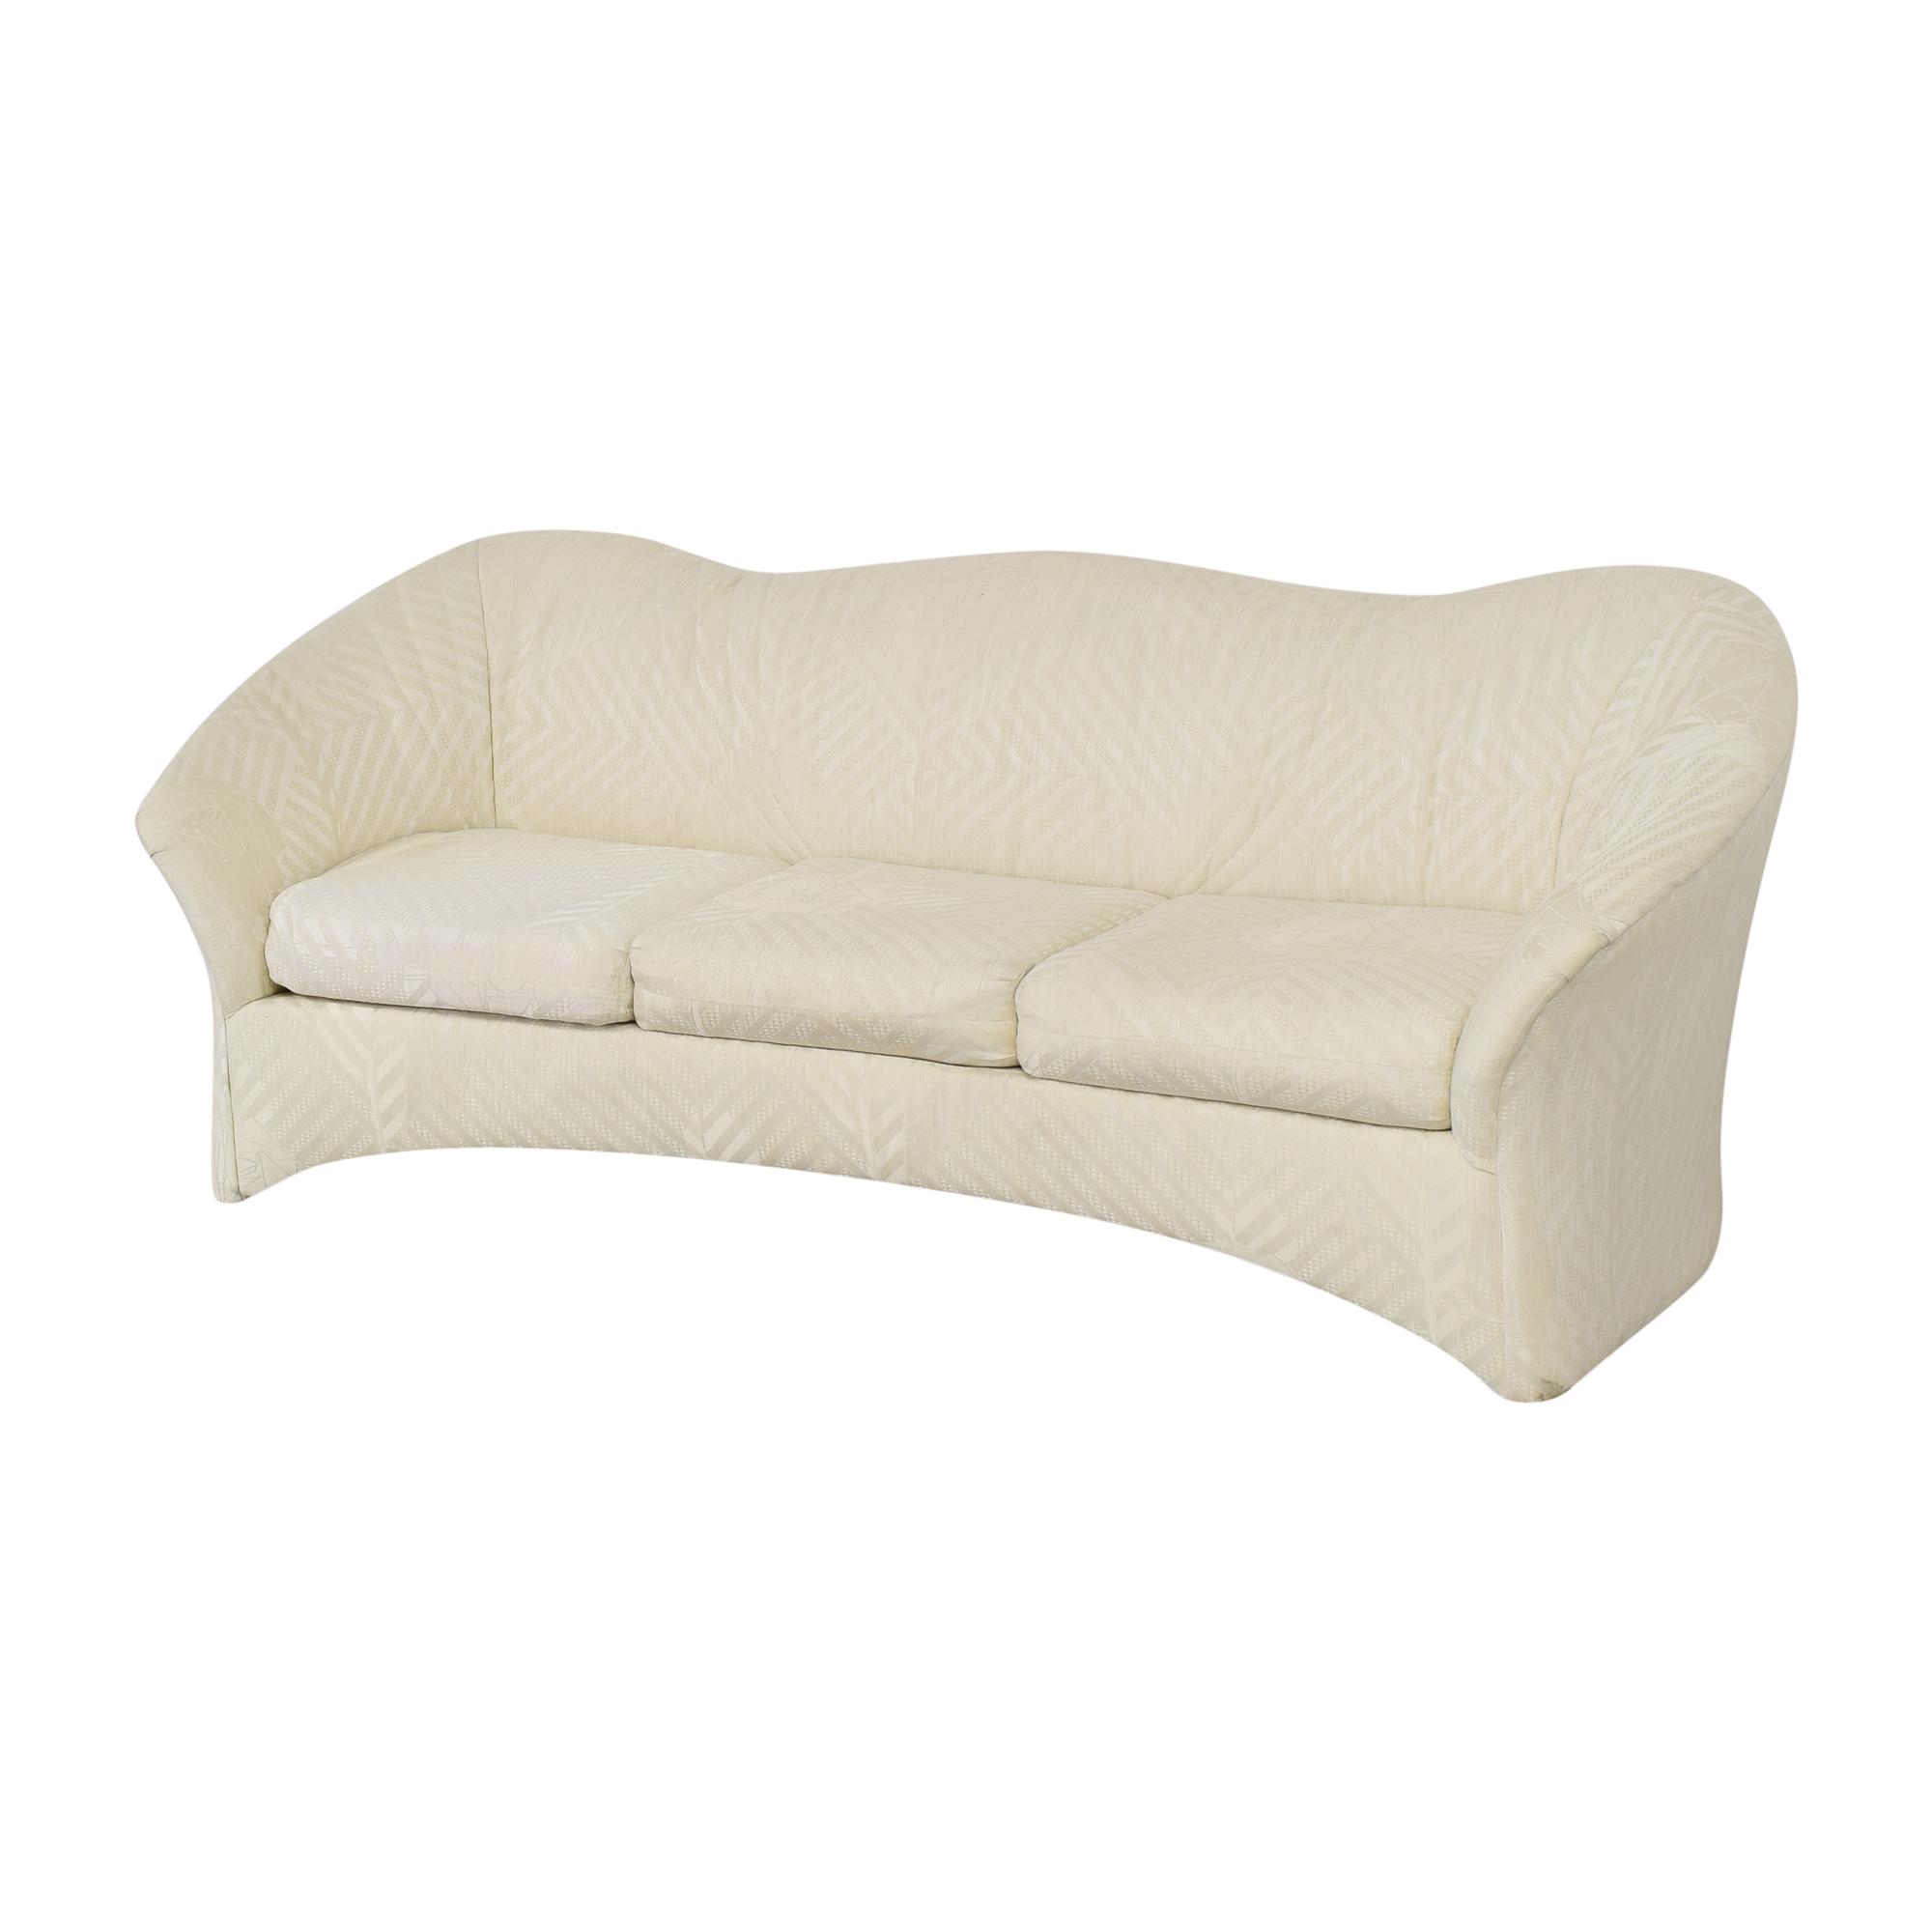 Carson Carson Art Deco Style Sofa for sale